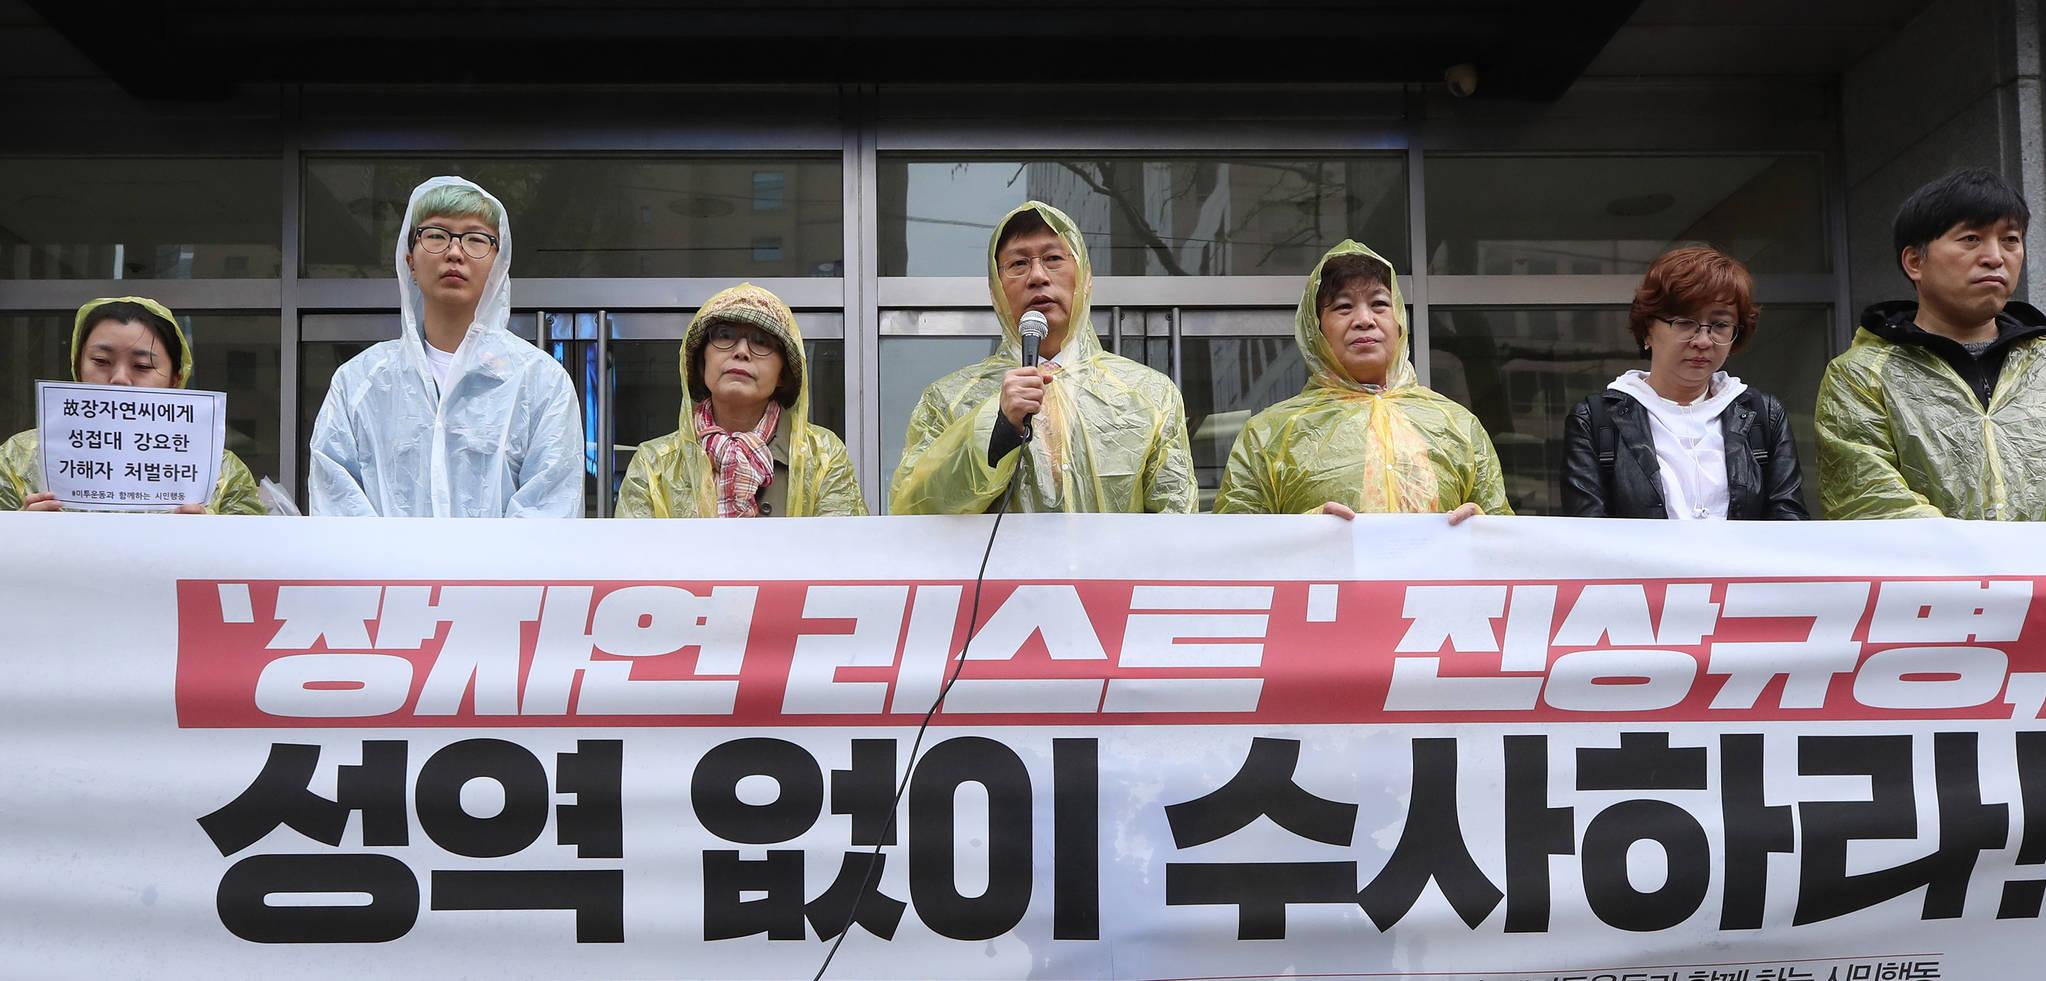 언론시민사회단체 회원들이 지난 4월 5일 오전 서울 중구 코리아나 호텔 앞에서 '장자연리스트'진상규명을 촉구하는 기자회견을 하고 있다. [연합뉴스]